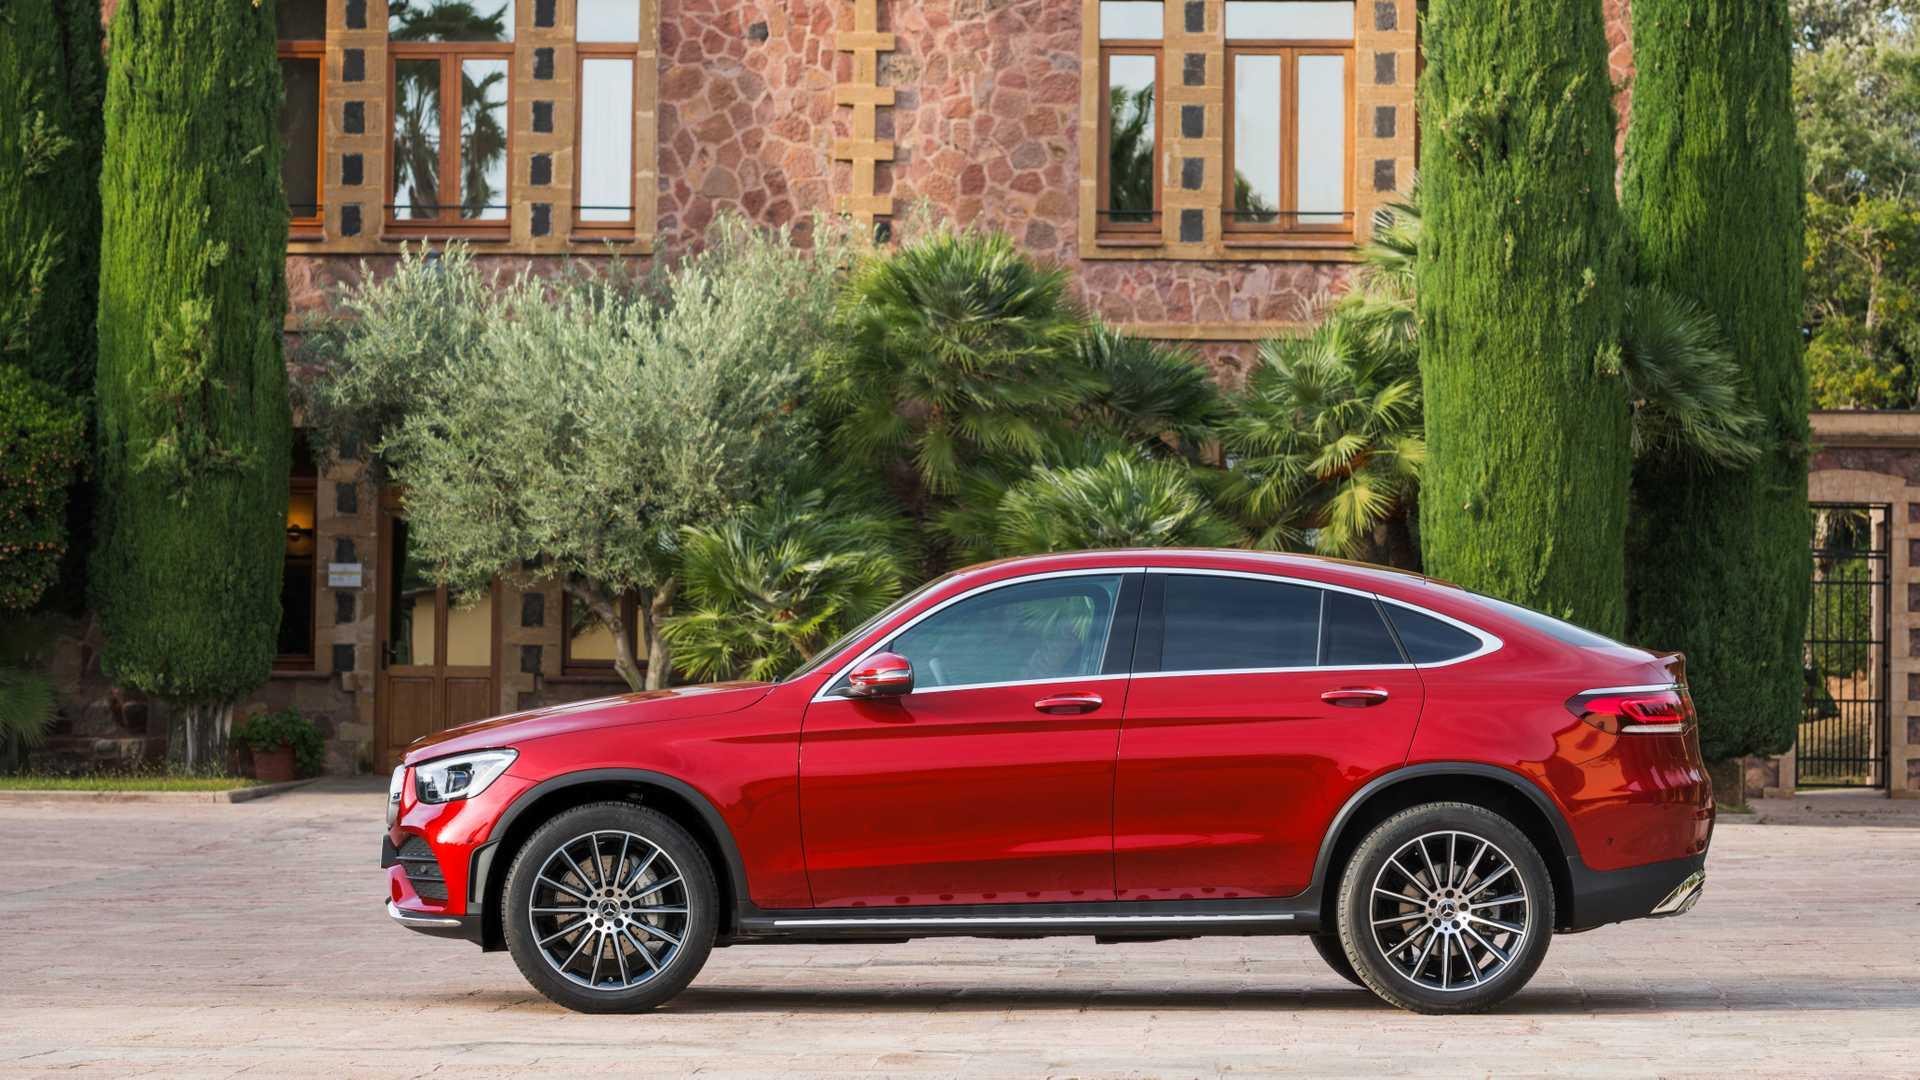 Mercedes Glc Coupe 2019 Rojo 011